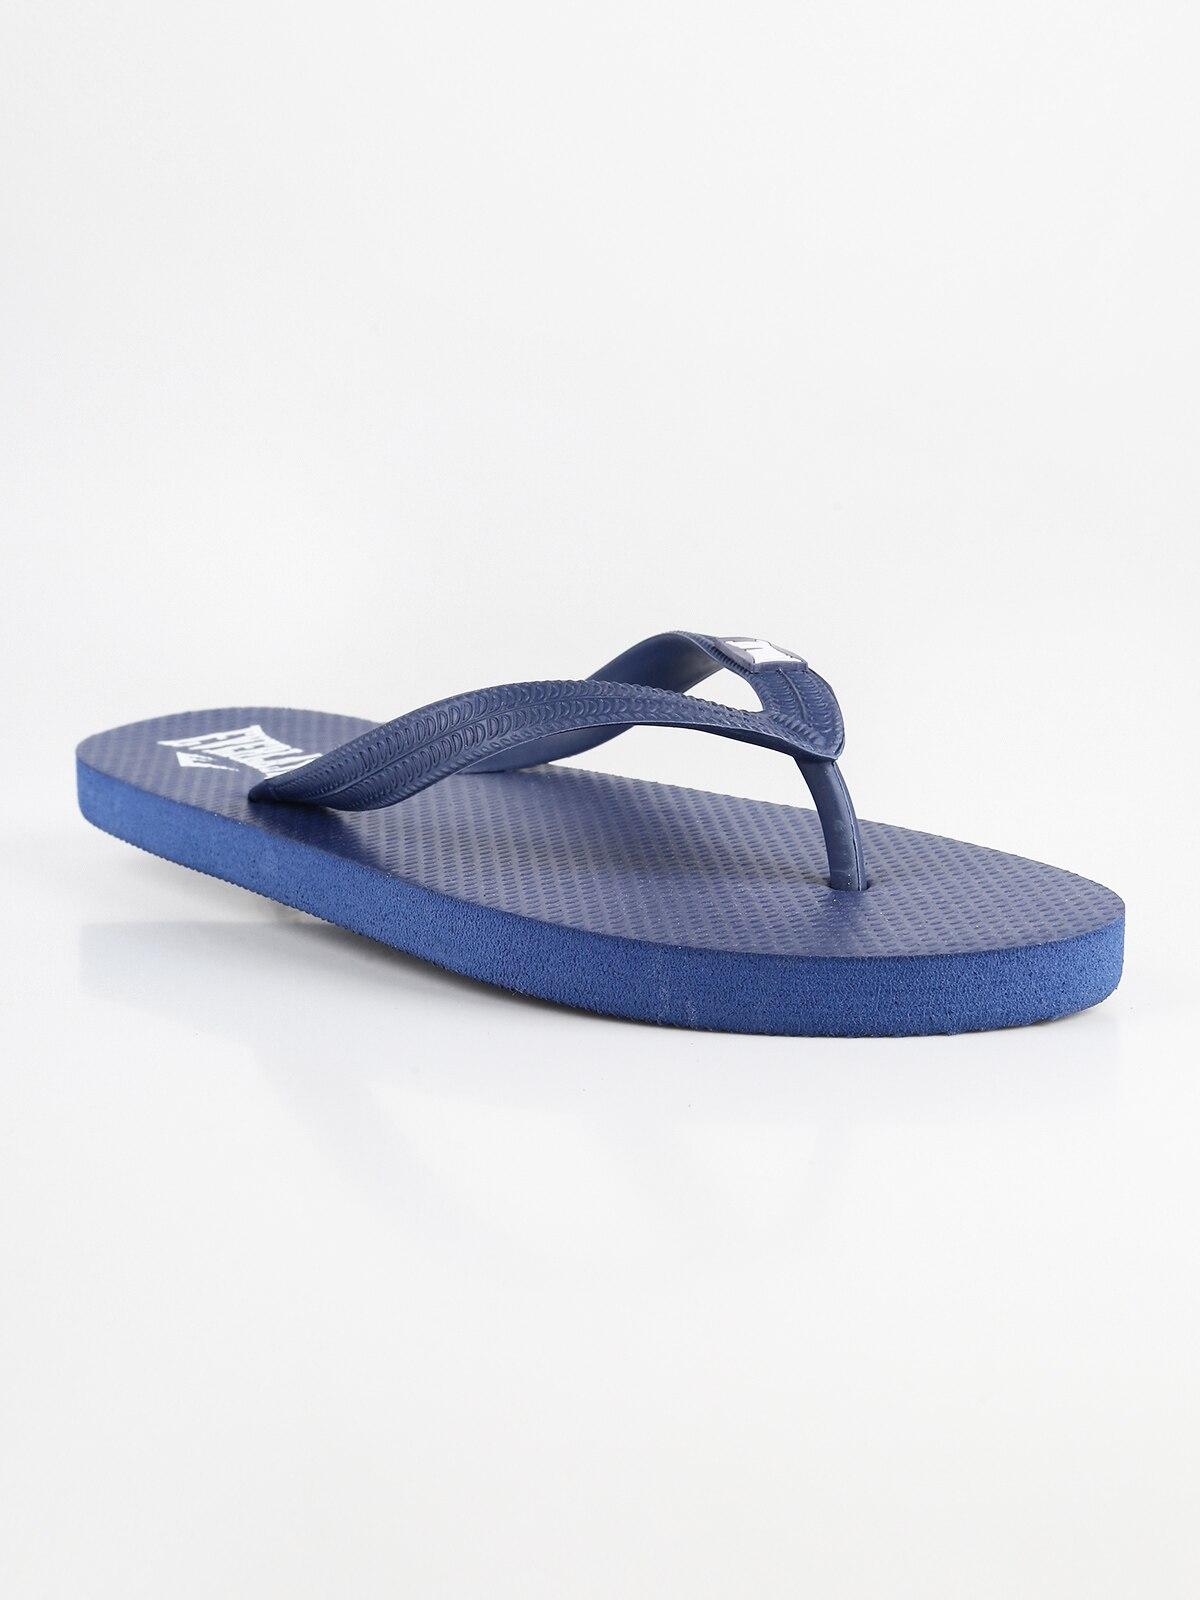 EVERLAST Men's Blue Summer Home Slippers